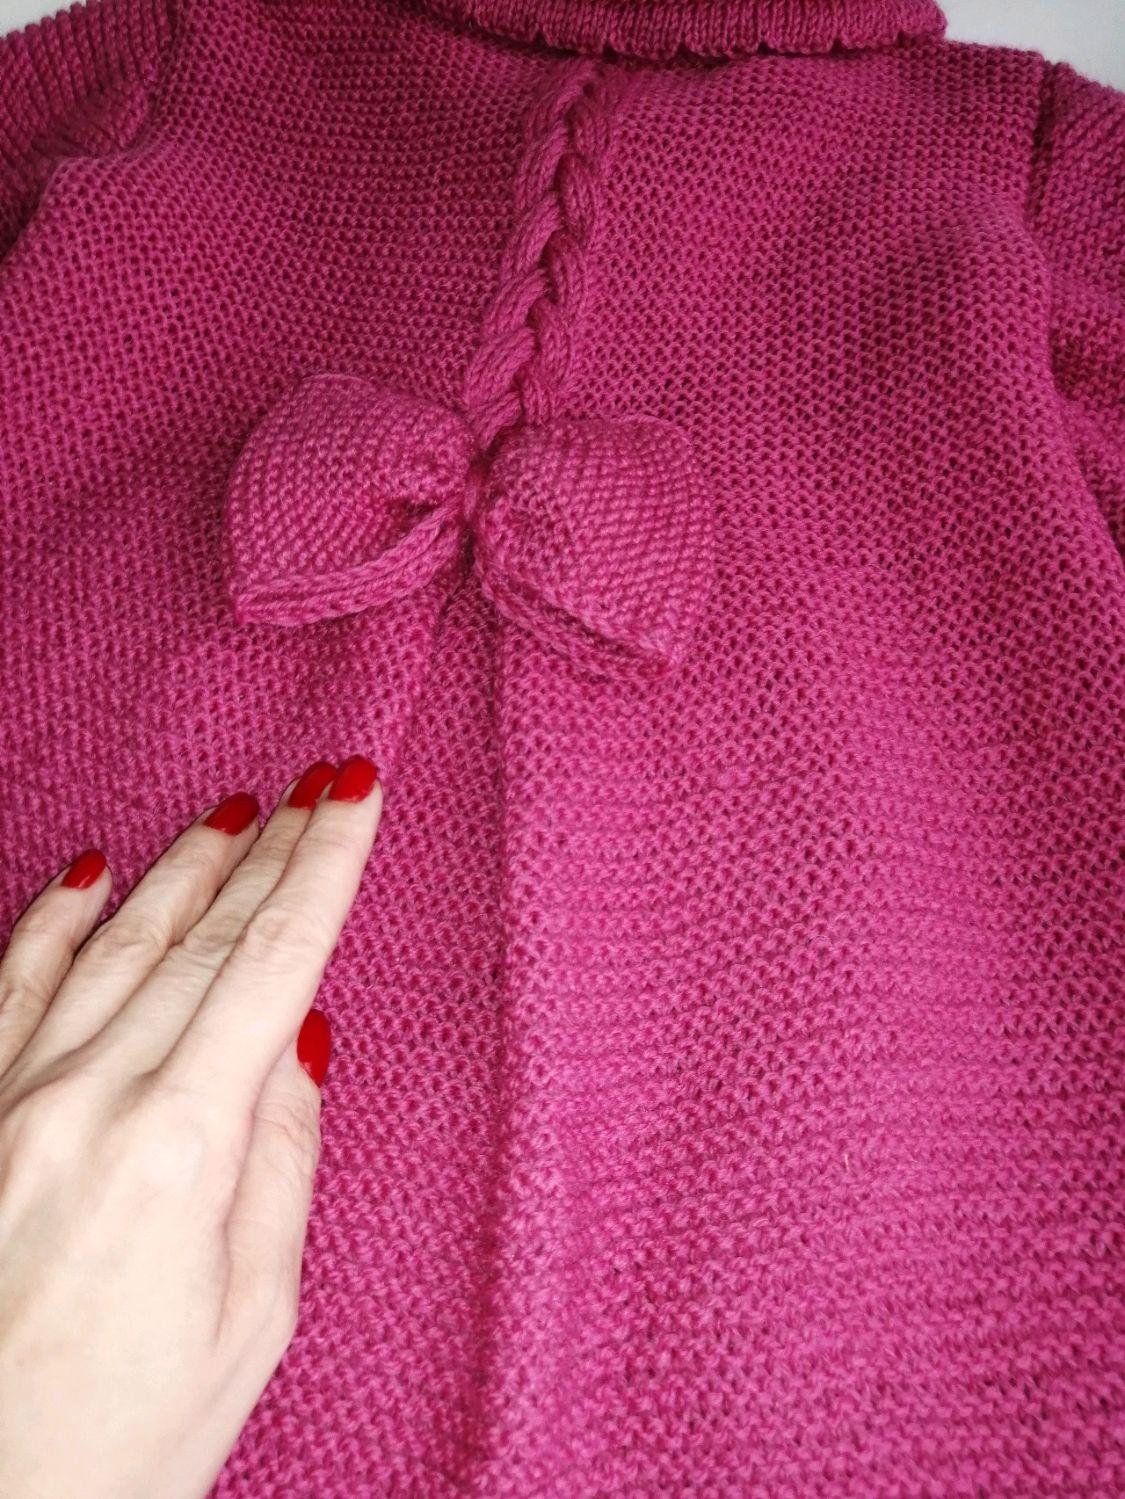 Вязаное пальто. Нарядное пальто для девочки, Верхняя одежда, Ростов-на-Дону,  Фото №1